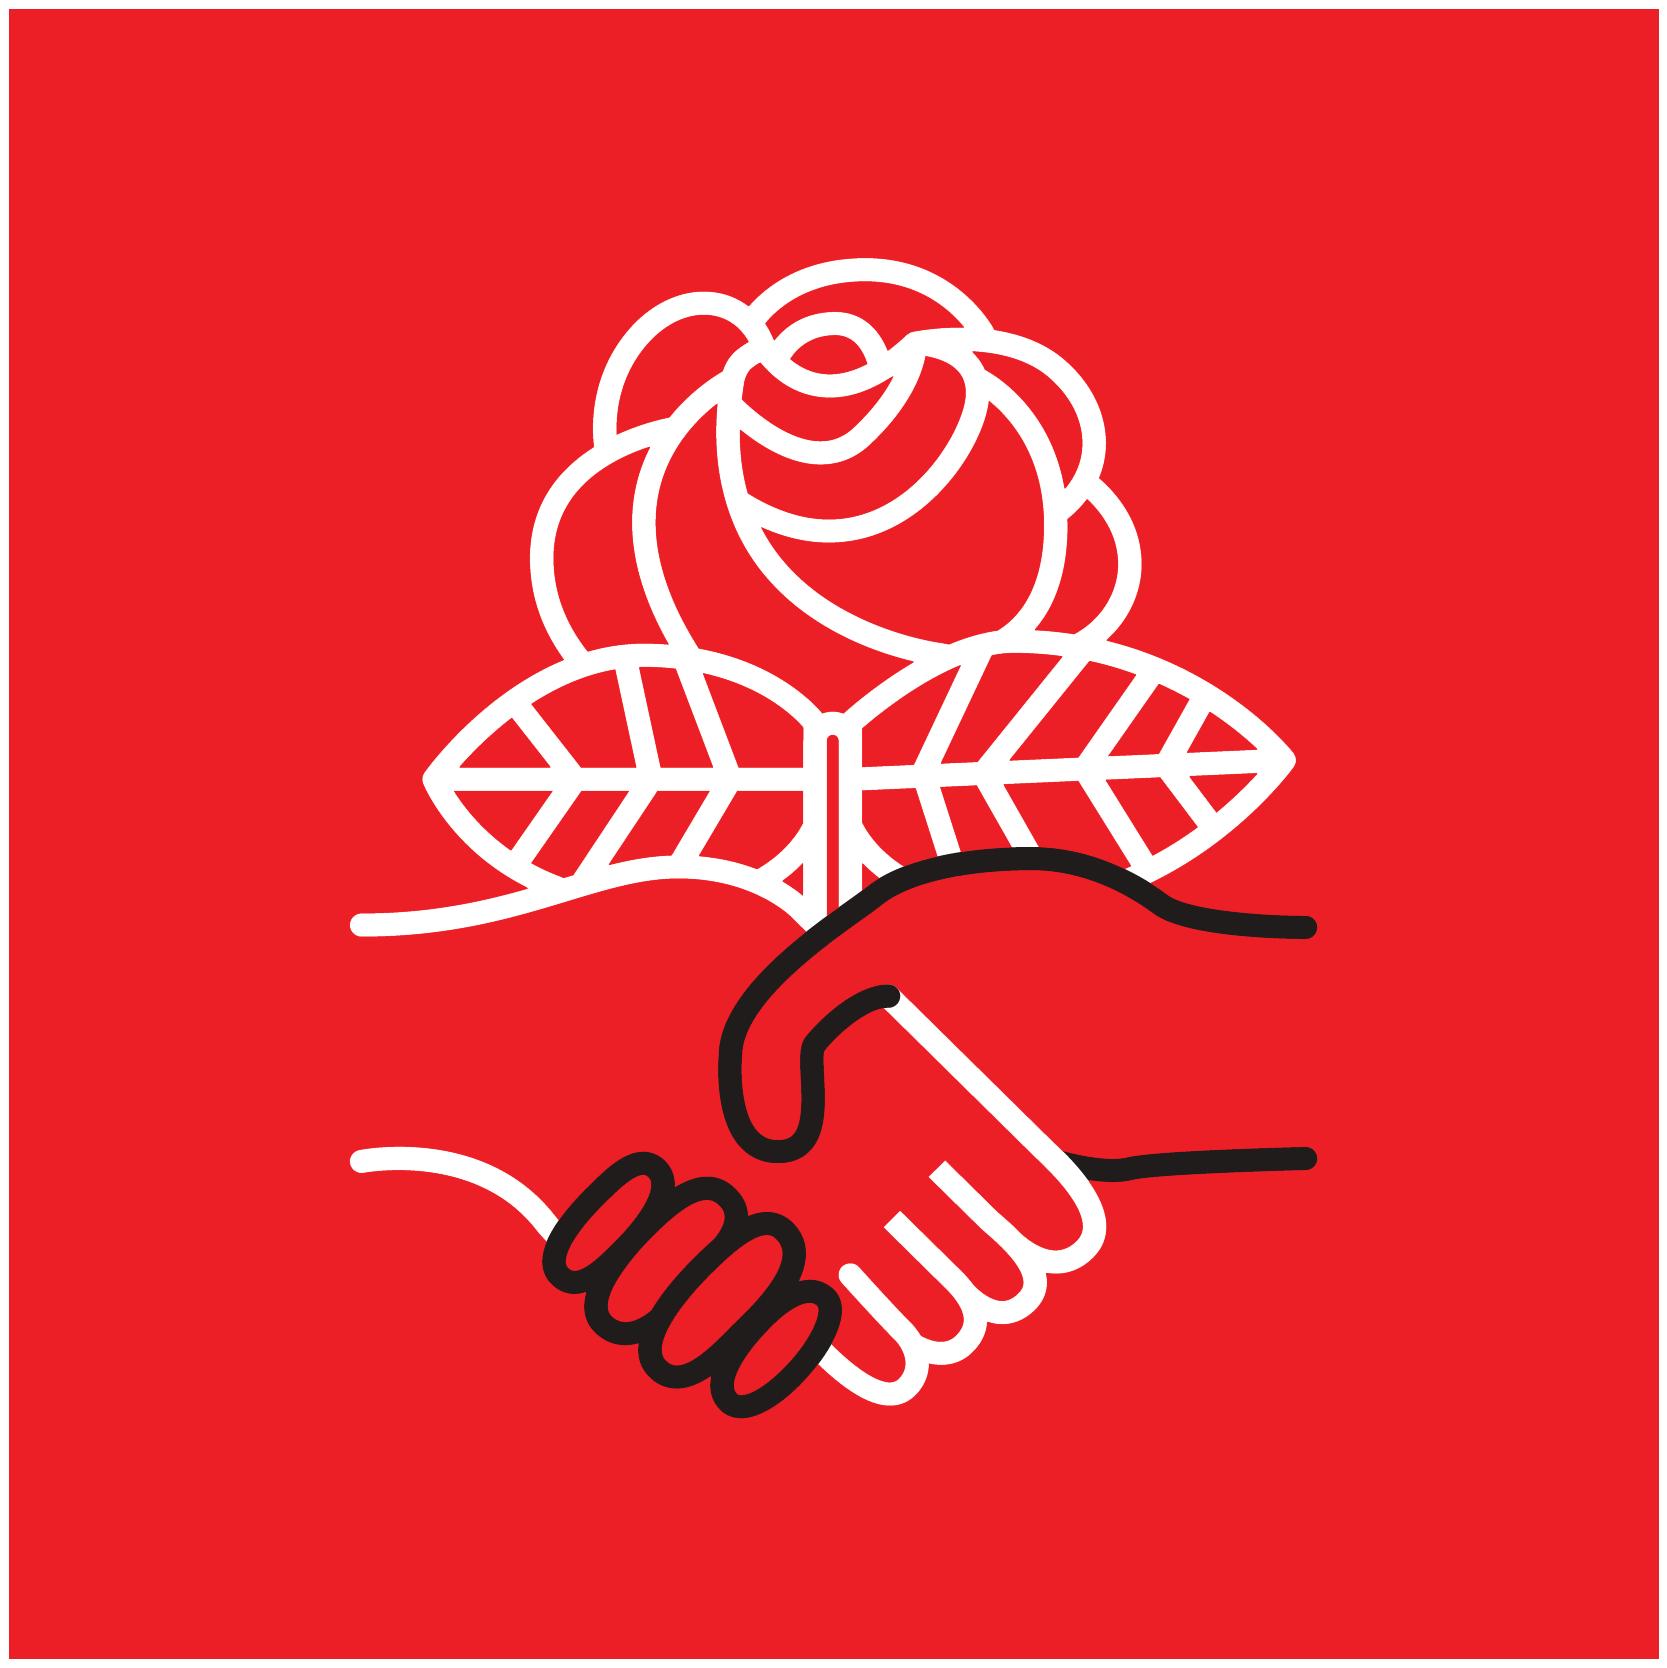 Final mock logo  1